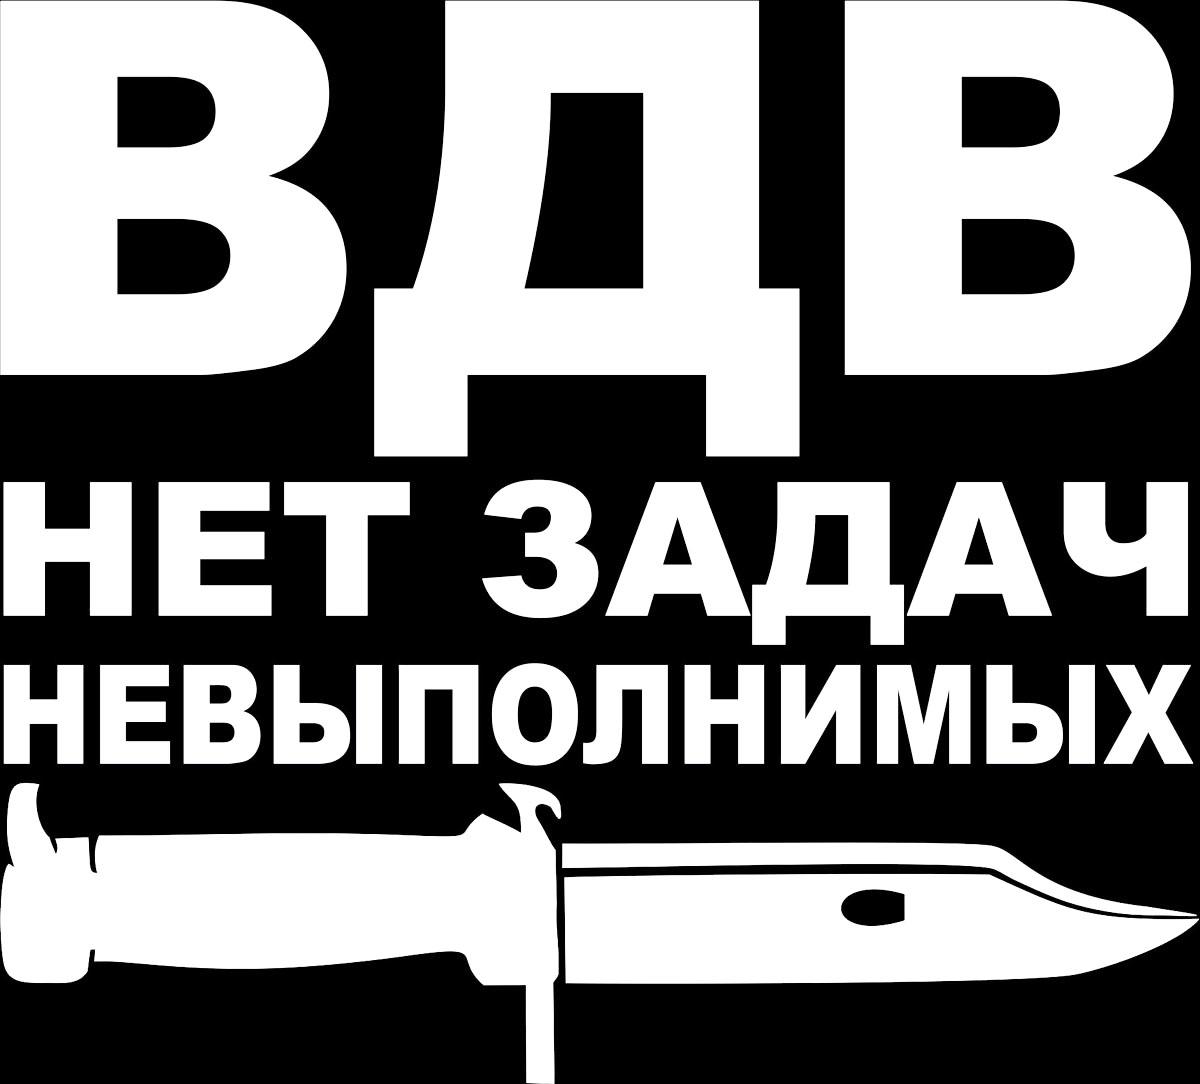 Наклейка автомобильная Оранжевый слоник ВДВ. Нет задач невыполнимых, виниловая, цвет: белый21395599Оригинальная наклейка Оранжевый слоник ВДВ. Нет задач невыполнимых изготовлена из высококачественной виниловой пленки, которая выполняет не только декоративную функцию, но и защищает кузов автомобиля от небольших механических повреждений, либо скрывает уже существующие.Виниловые наклейки на автомобиль - это не только красиво, но еще и быстро! Всего за несколько минут вы можете полностью преобразить свой автомобиль, сделать его ярким, необычным, особенным и неповторимым!